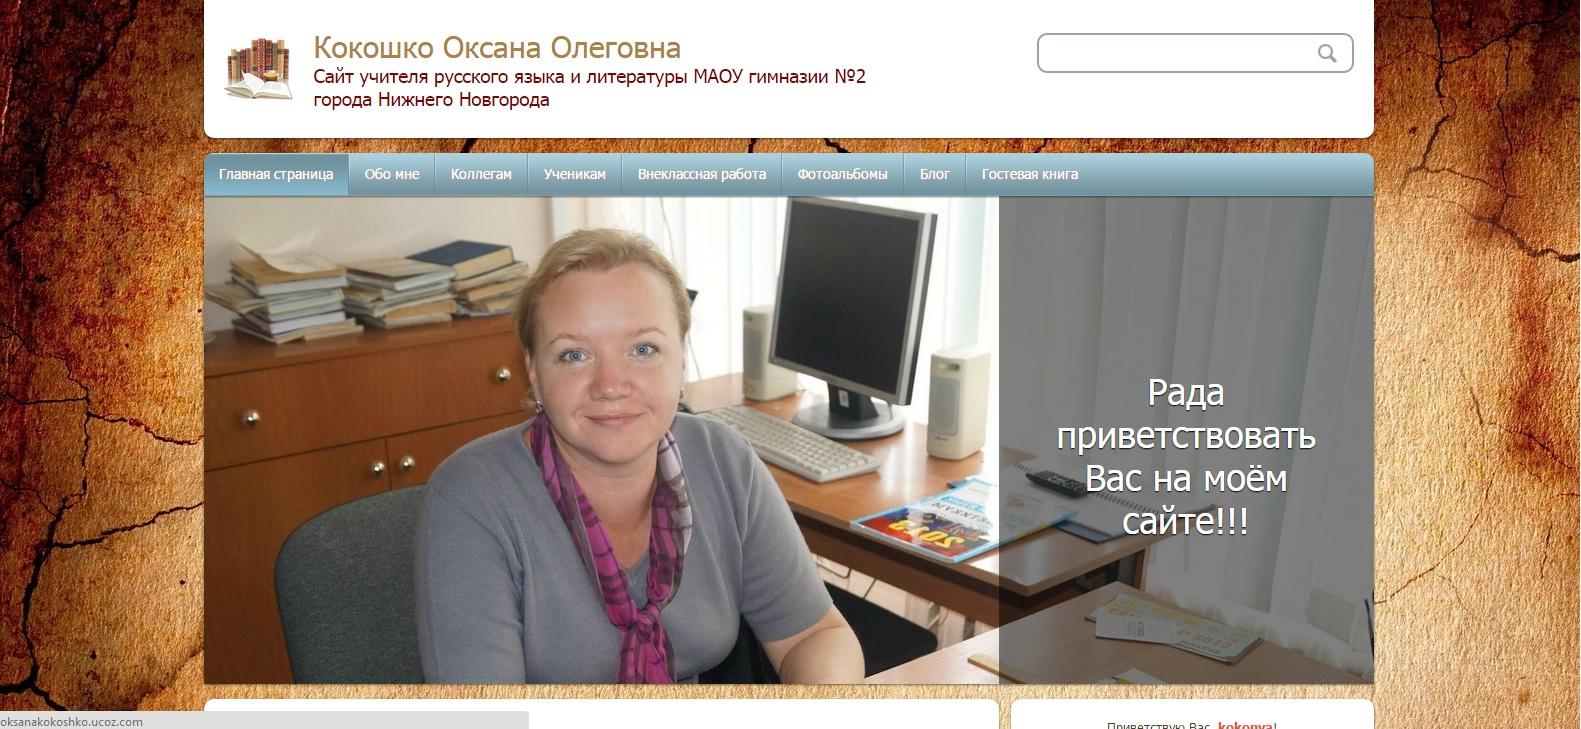 Сайт учителя русского языка и литературы Кокошко Оксаны Олеговны